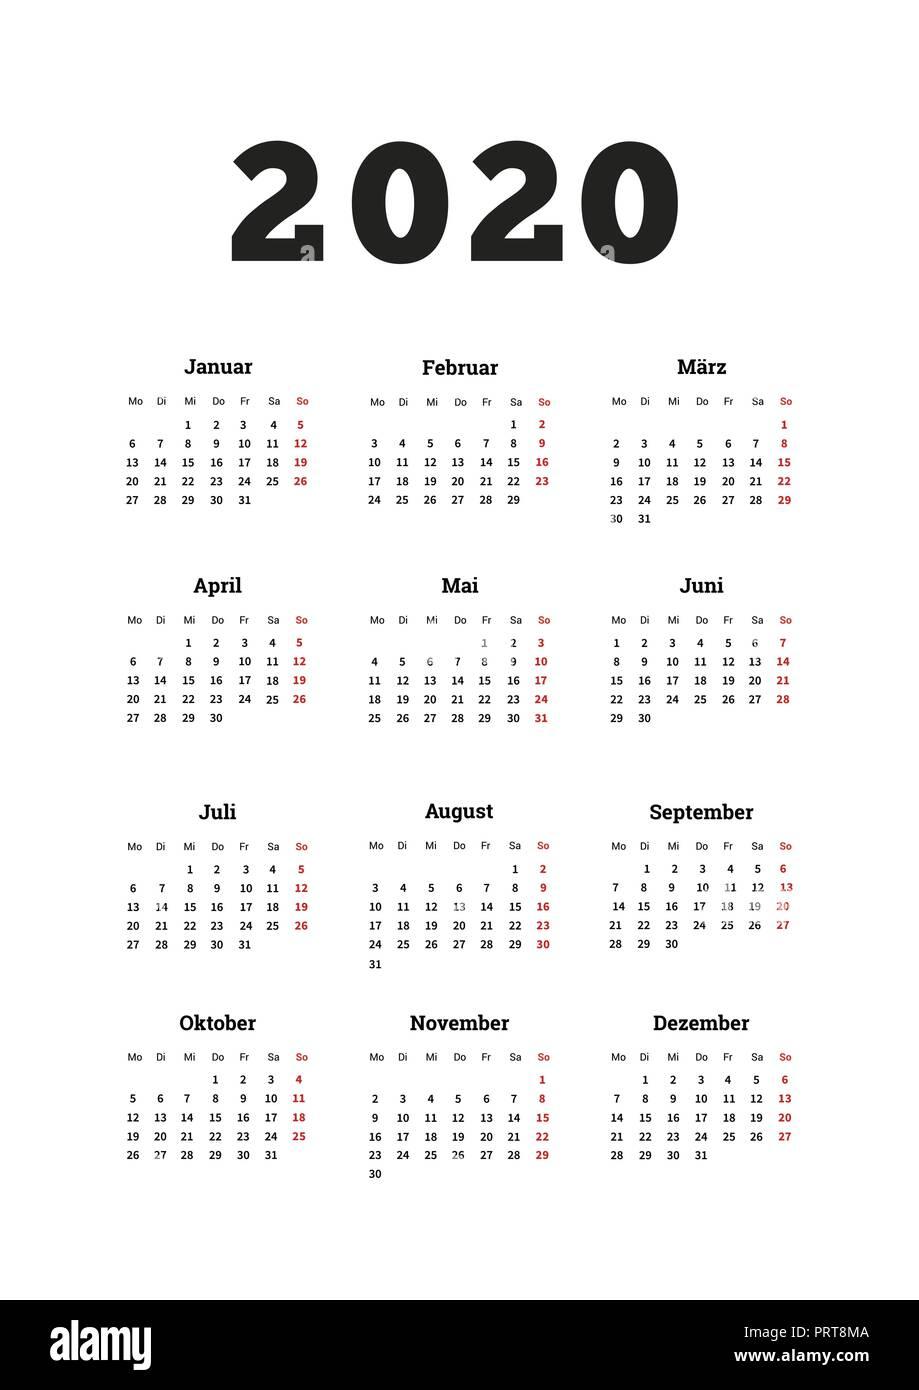 Calendrier Allemand 2020.L Annee 2020 Calendrier Simple Sur La Langue Allemande